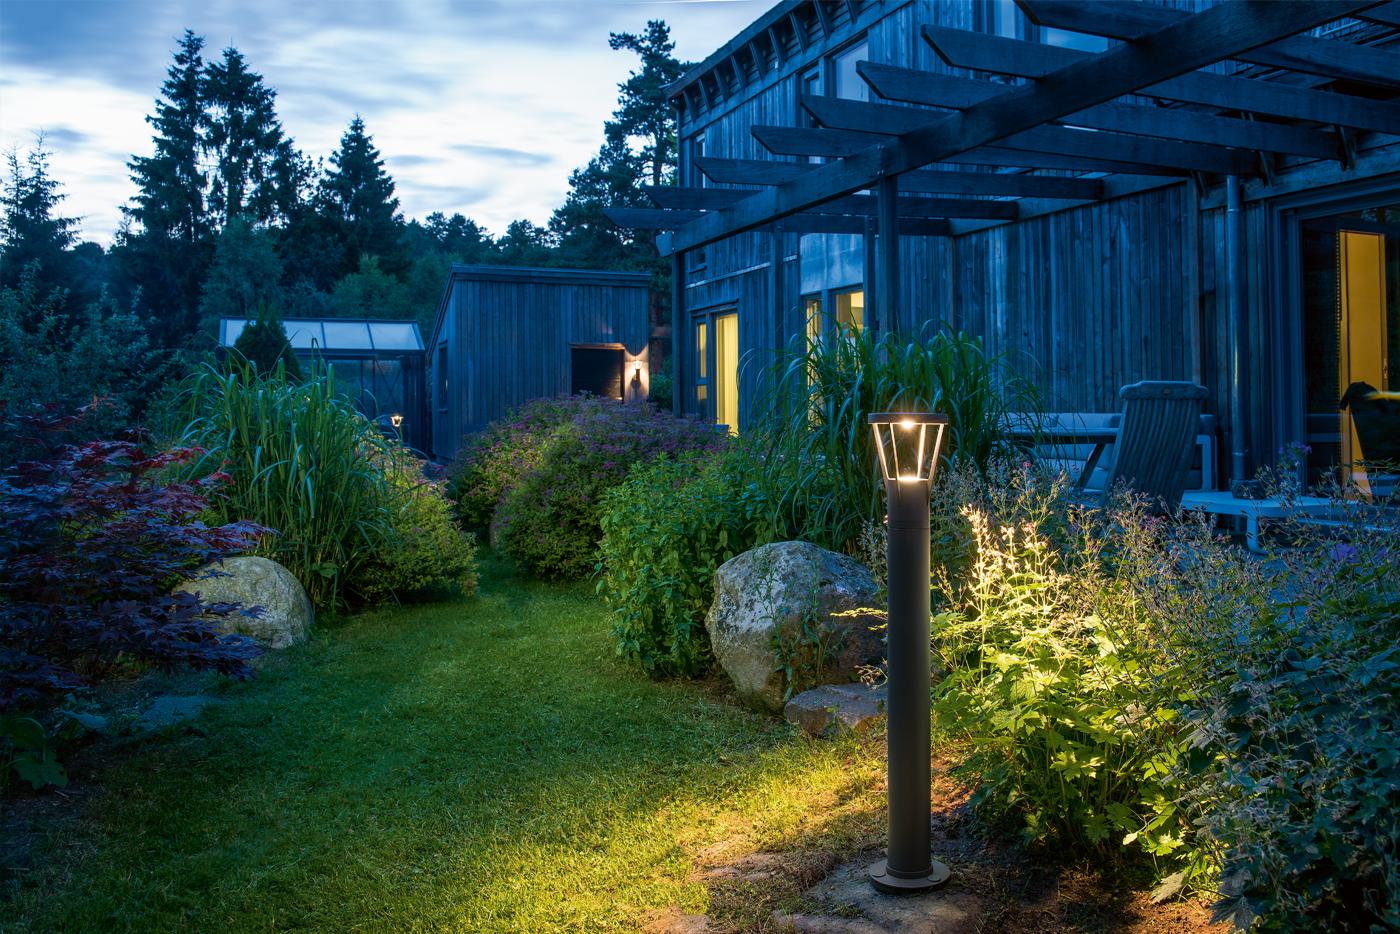 Pullupbelysning som brukes for å lyse opp sti og busker i en hage.